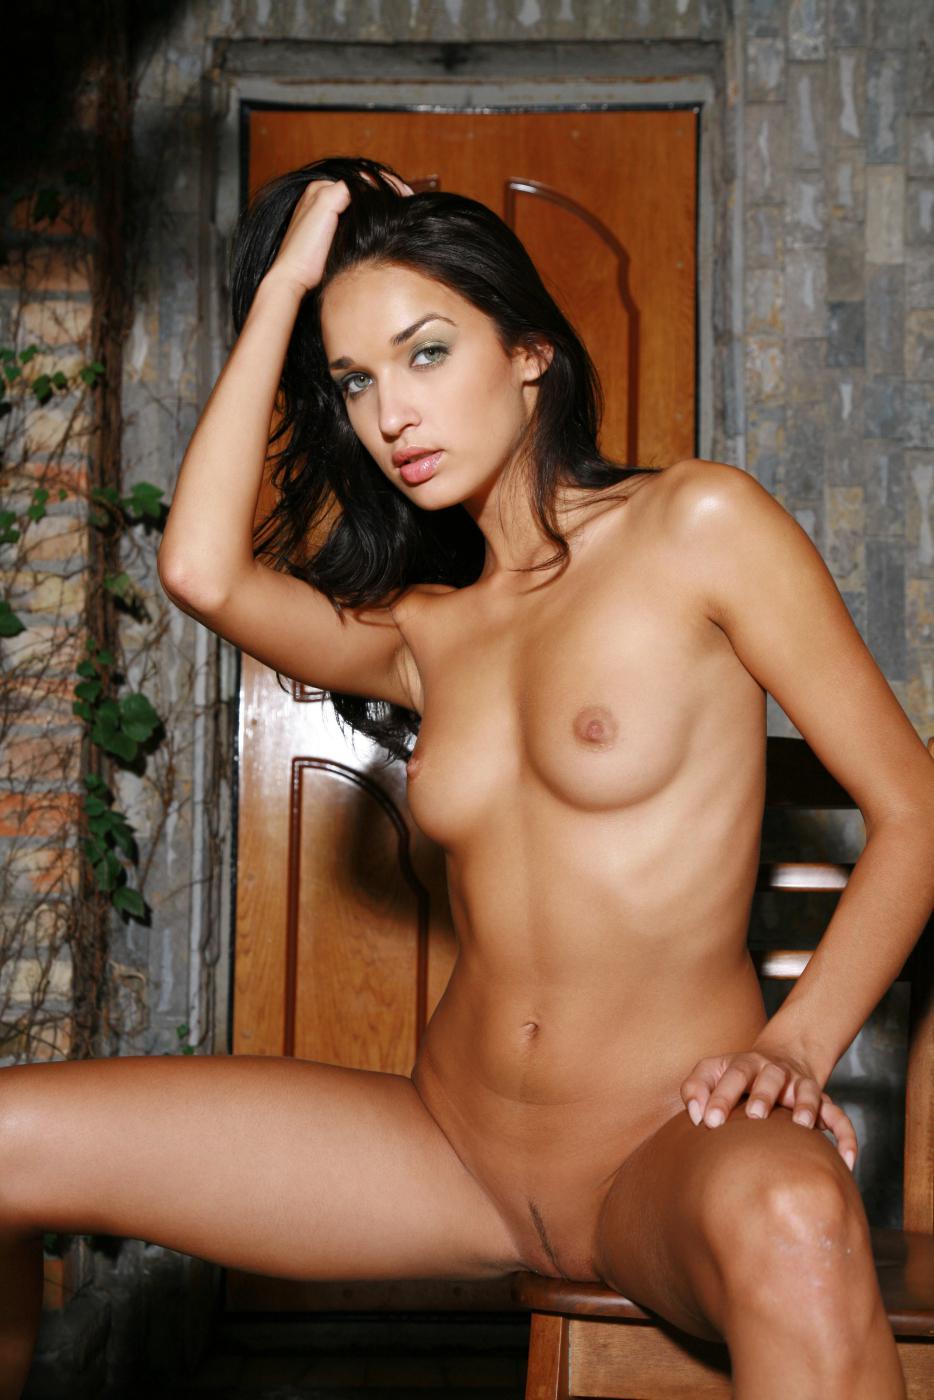 Роковая брюнеточка Olga M показывает свои шикарные титьки и голые сиськи